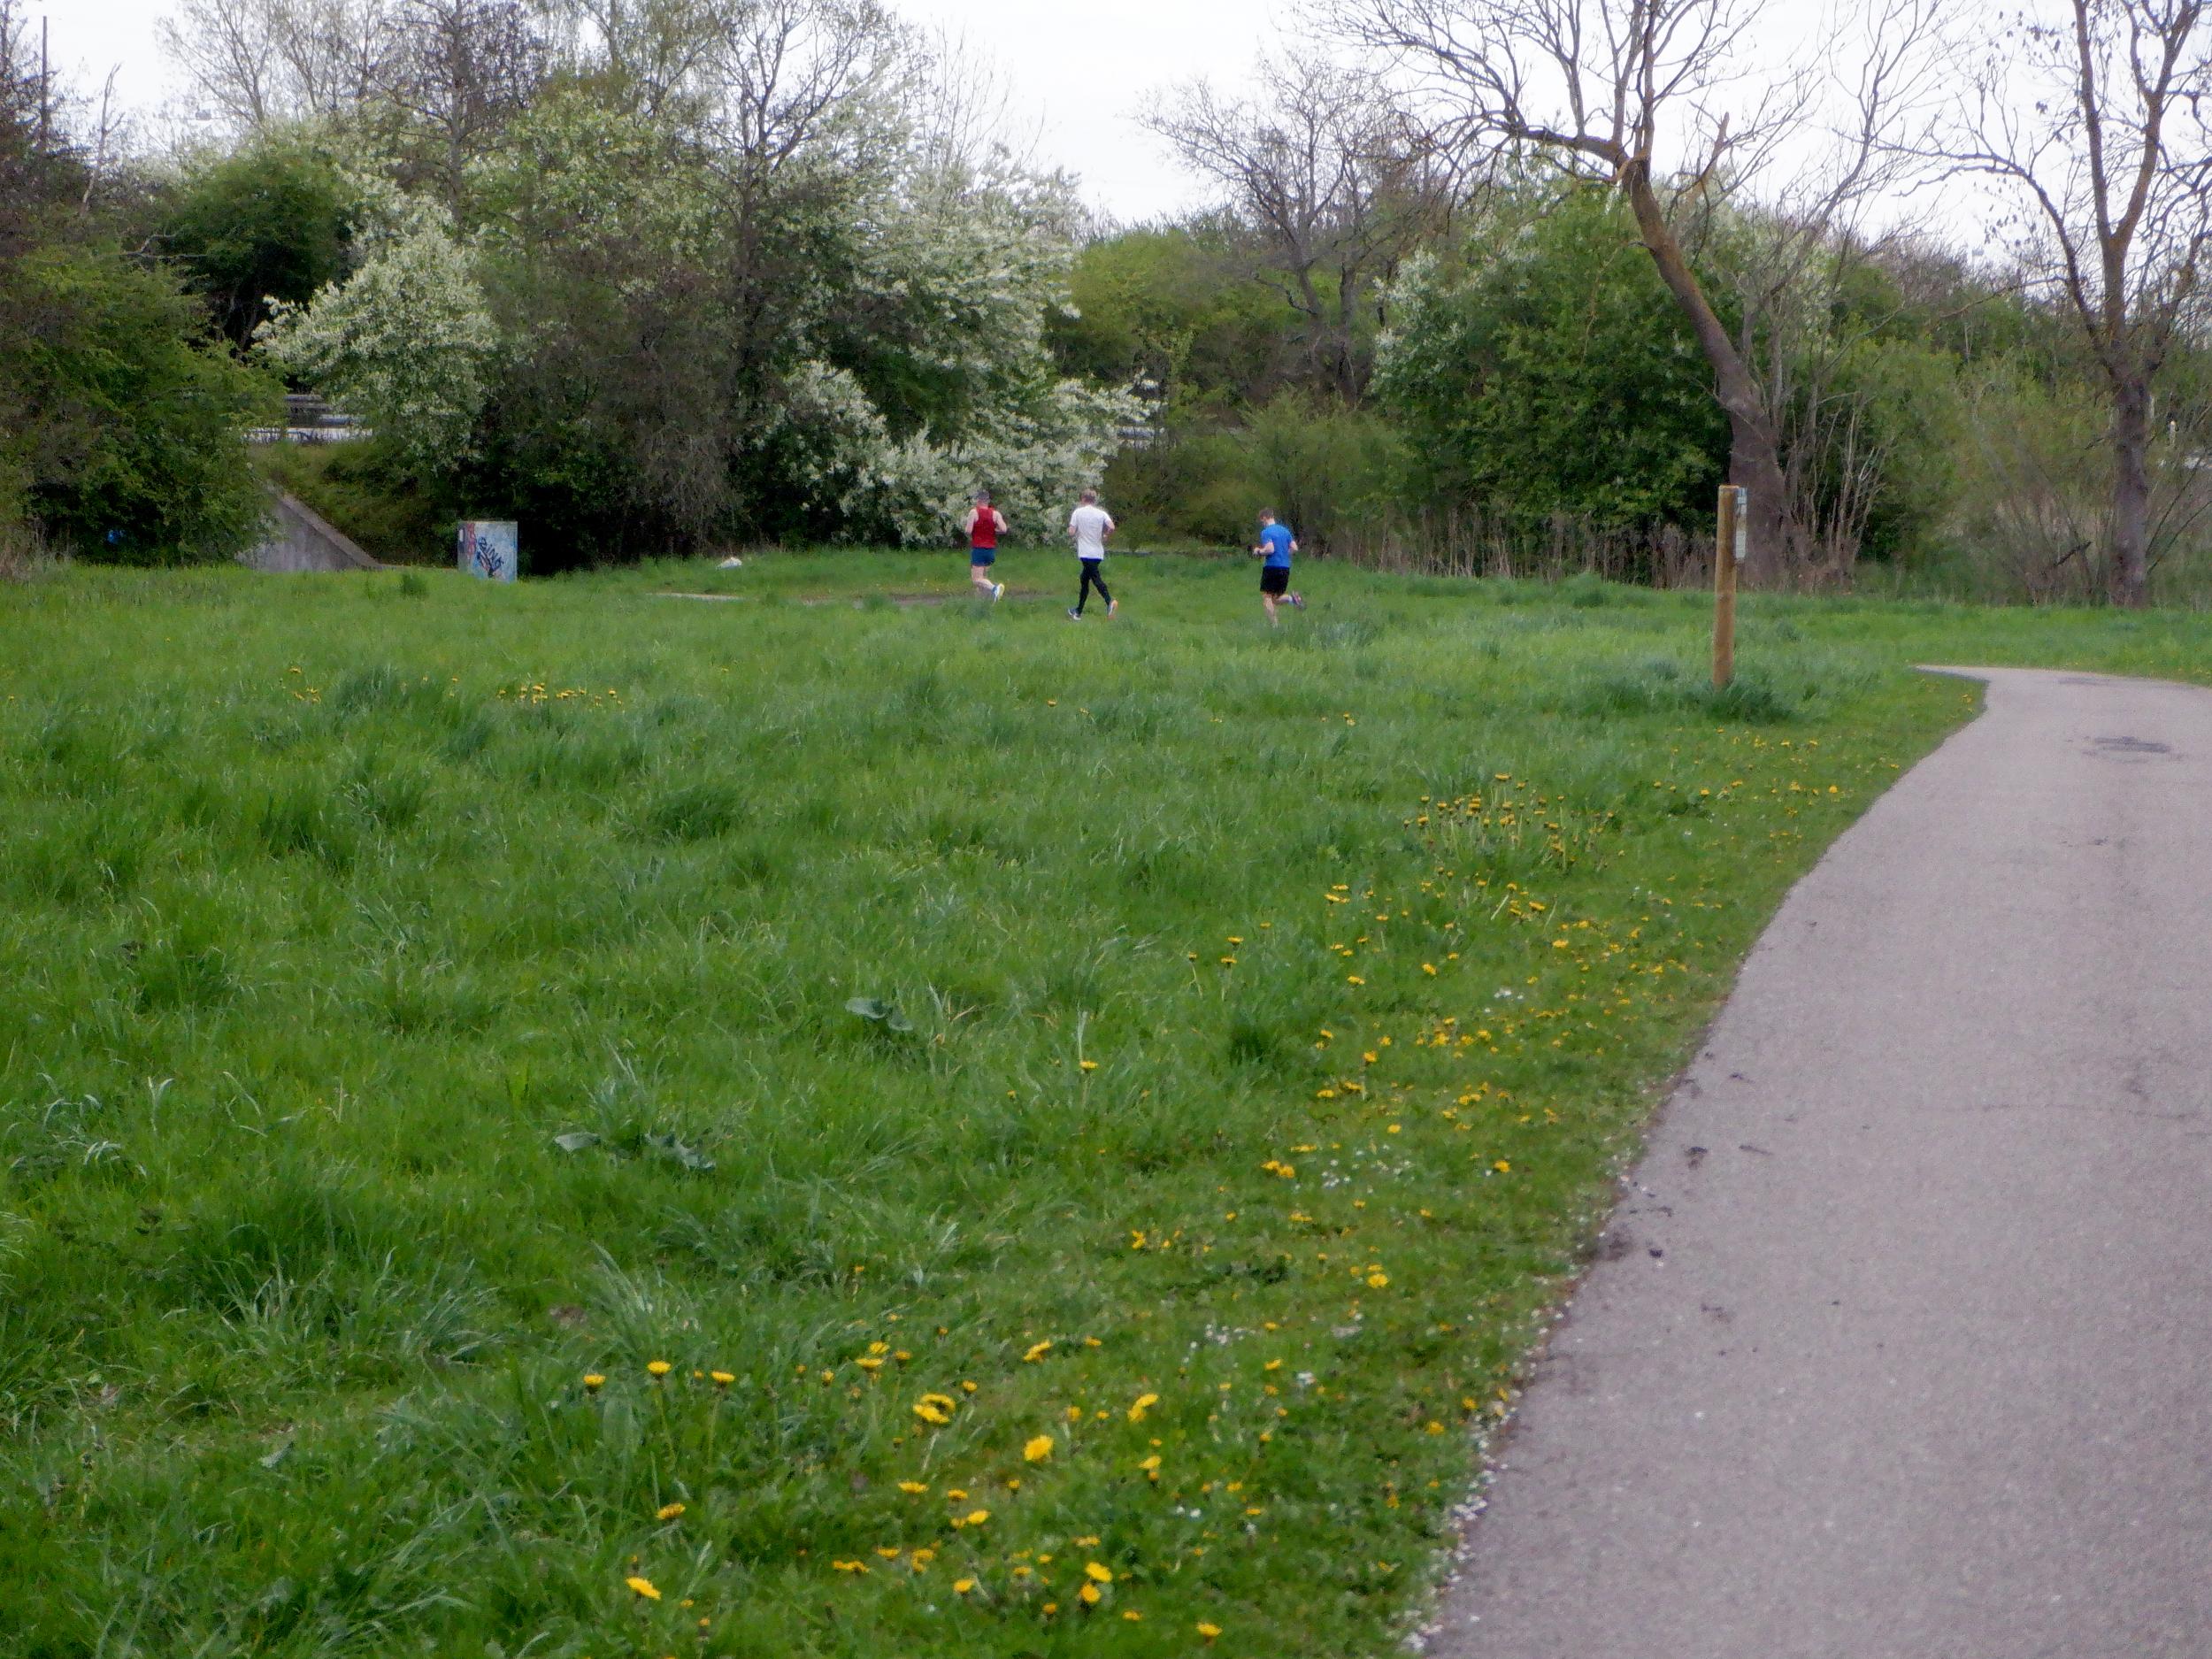 Grøn græs, grønne trær og tre løbere.